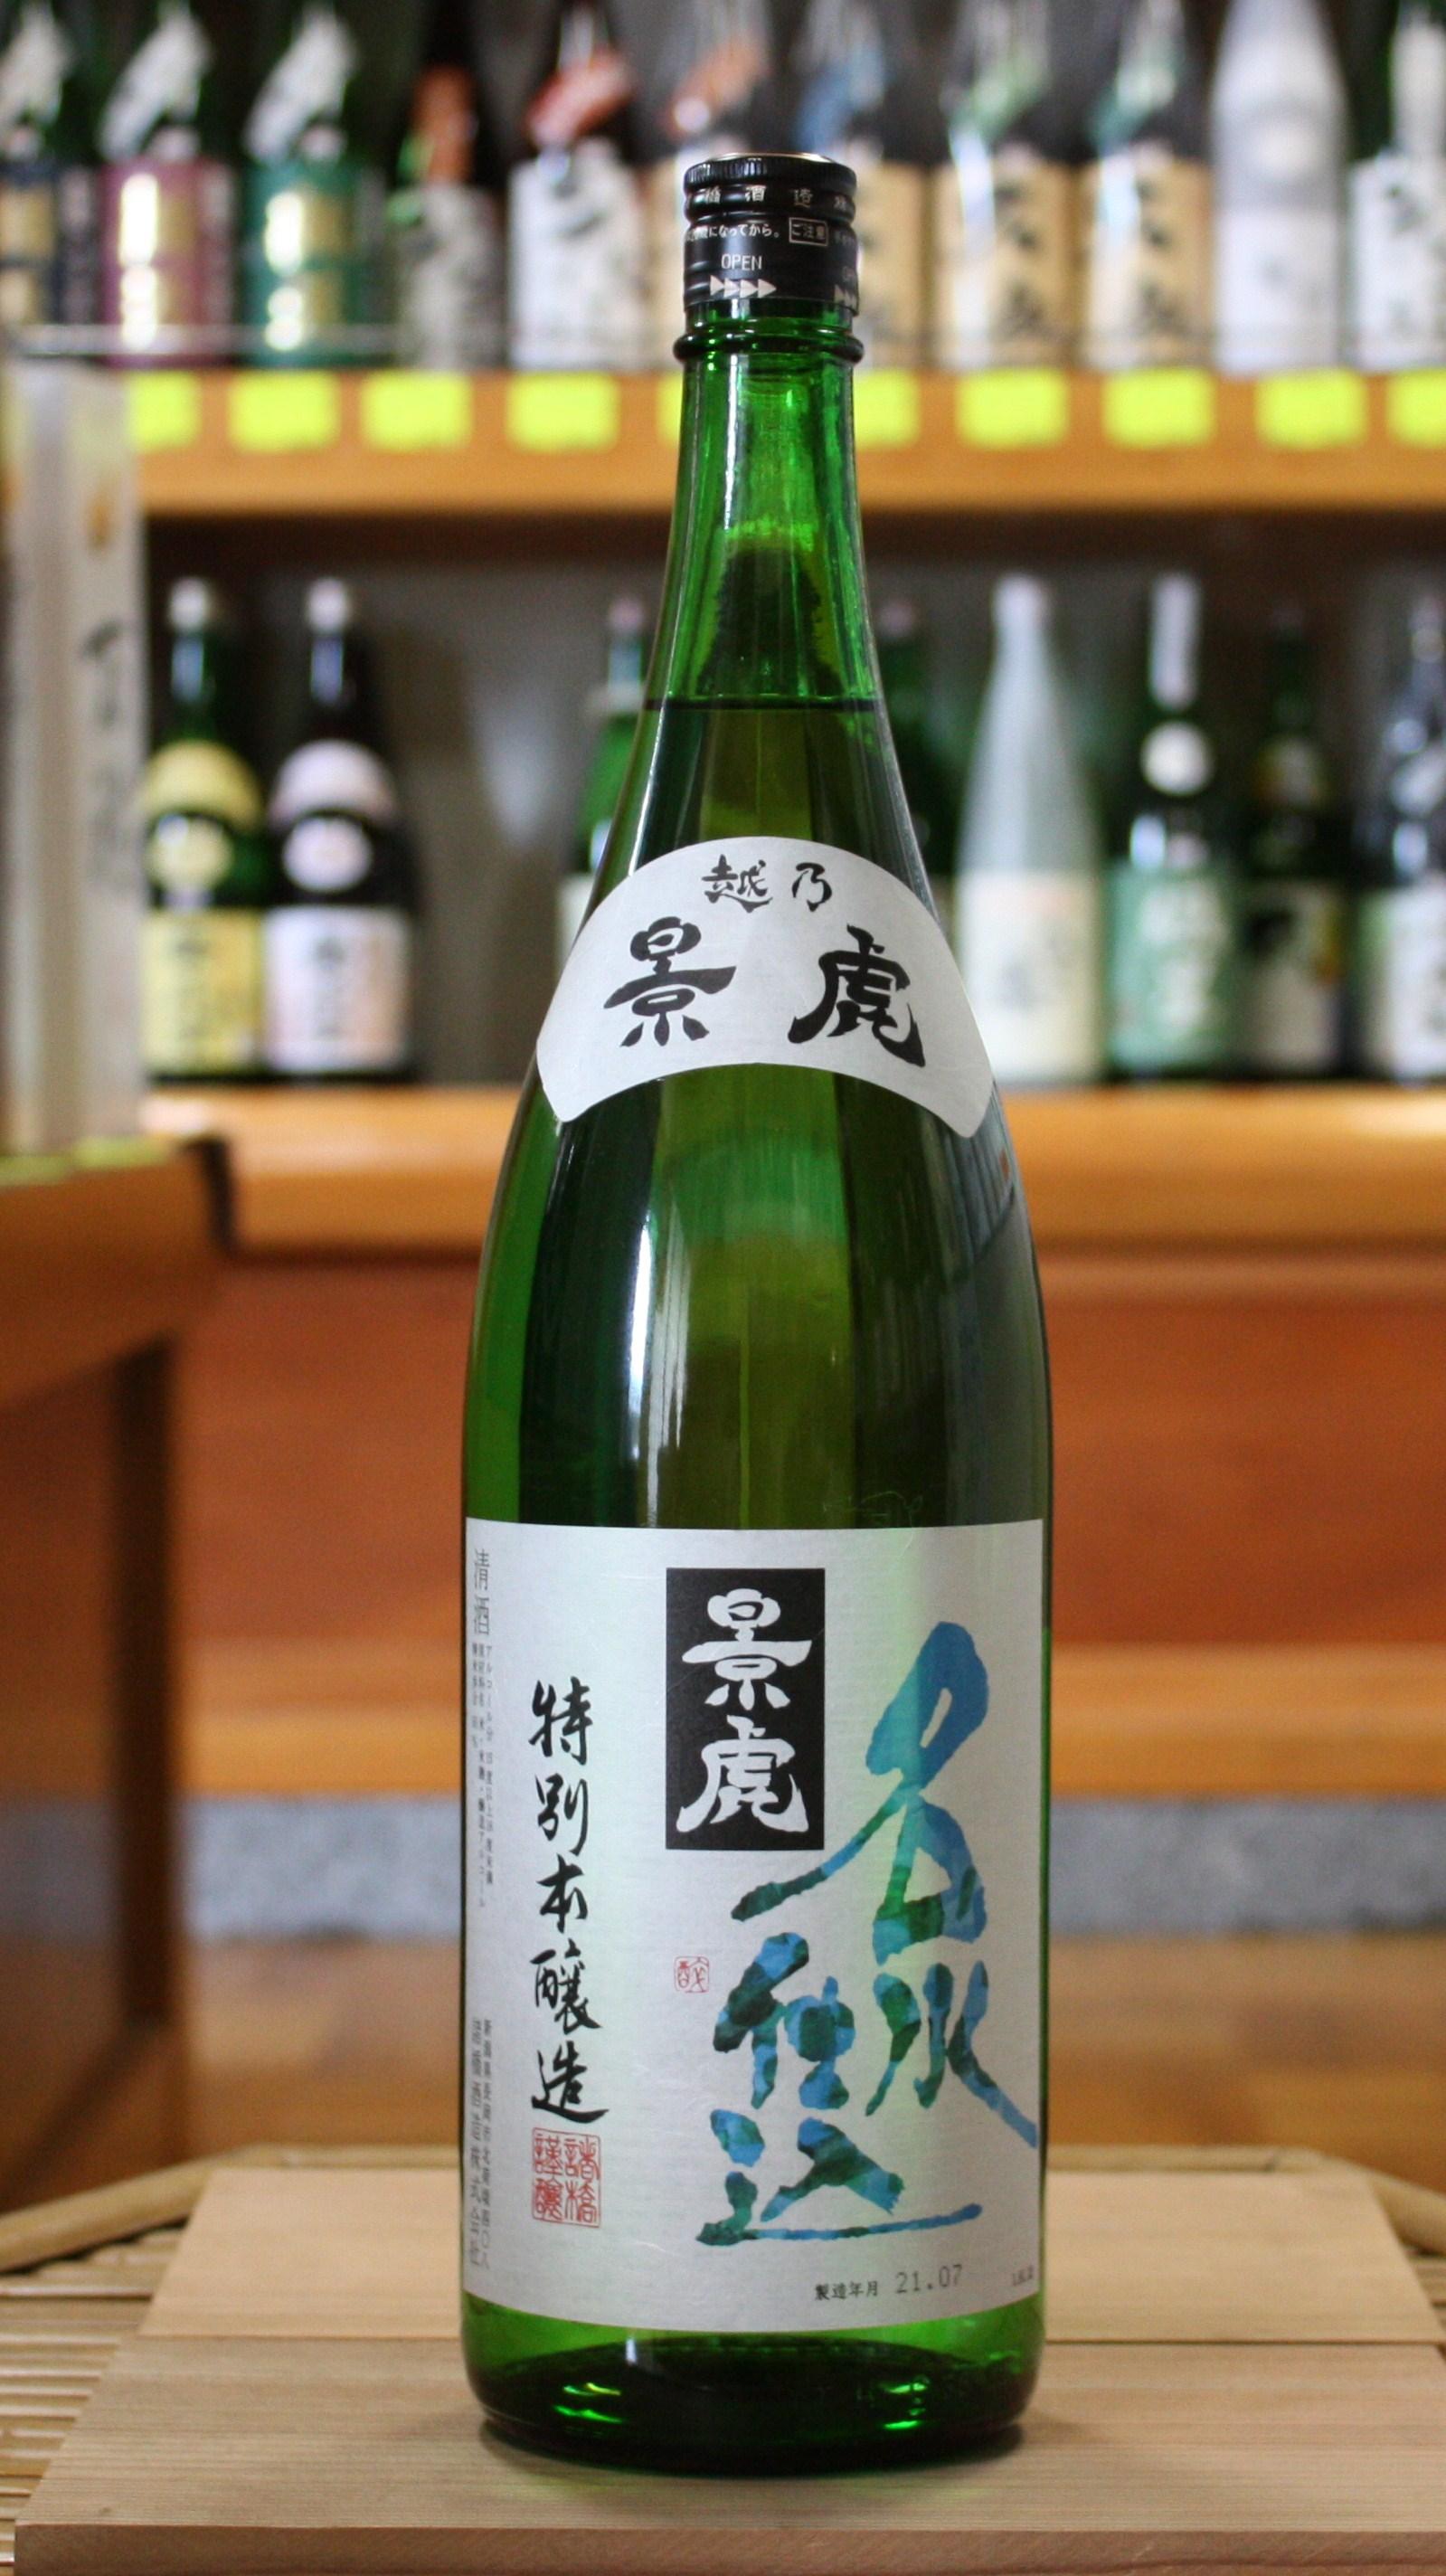 【新潟/諸橋酒造】 越乃景虎 名水仕込 特別本醸造 (1800ml)